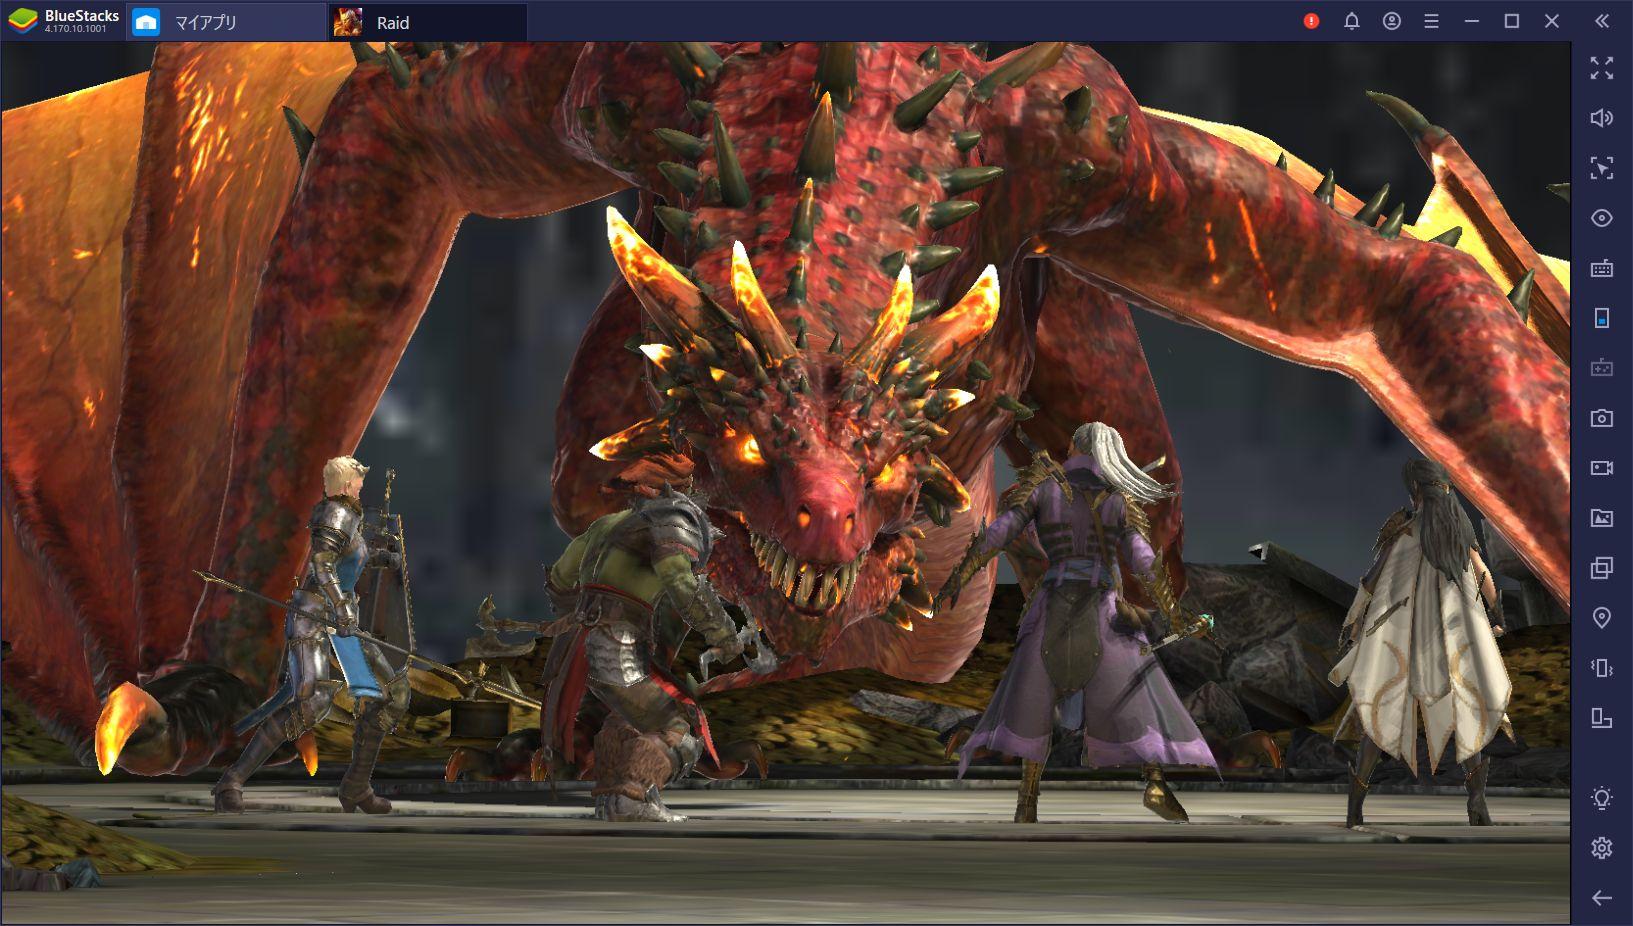 BlueStacksを使ってPCで『レイド Shadow Legends』を遊ぼう